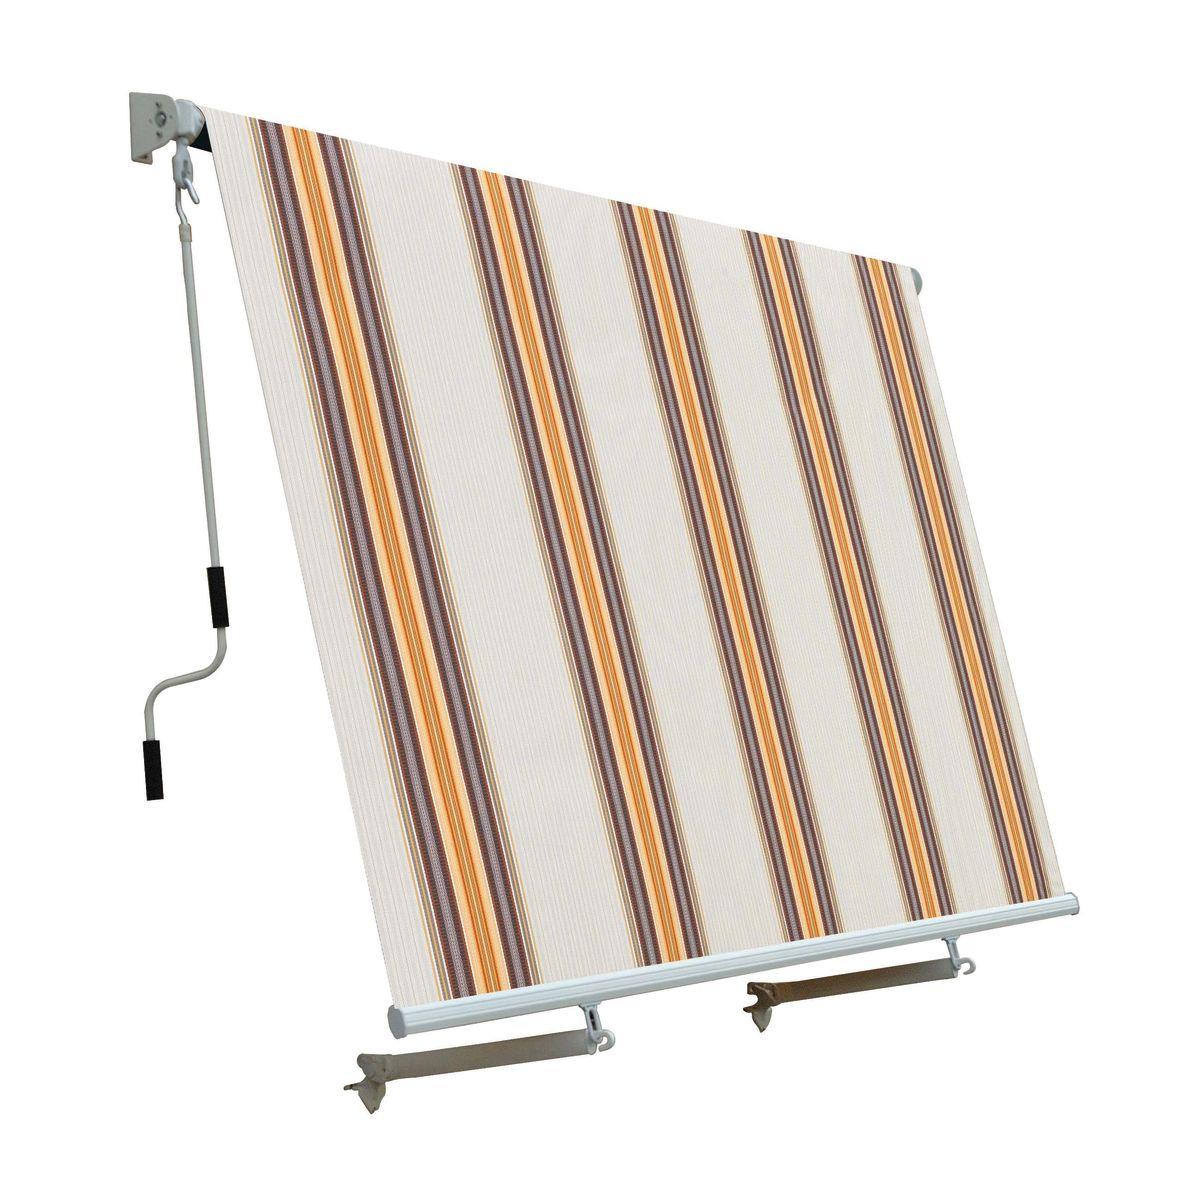 Ganci per tende da sole a caduta idea di casa - Tende da balcone ikea ...